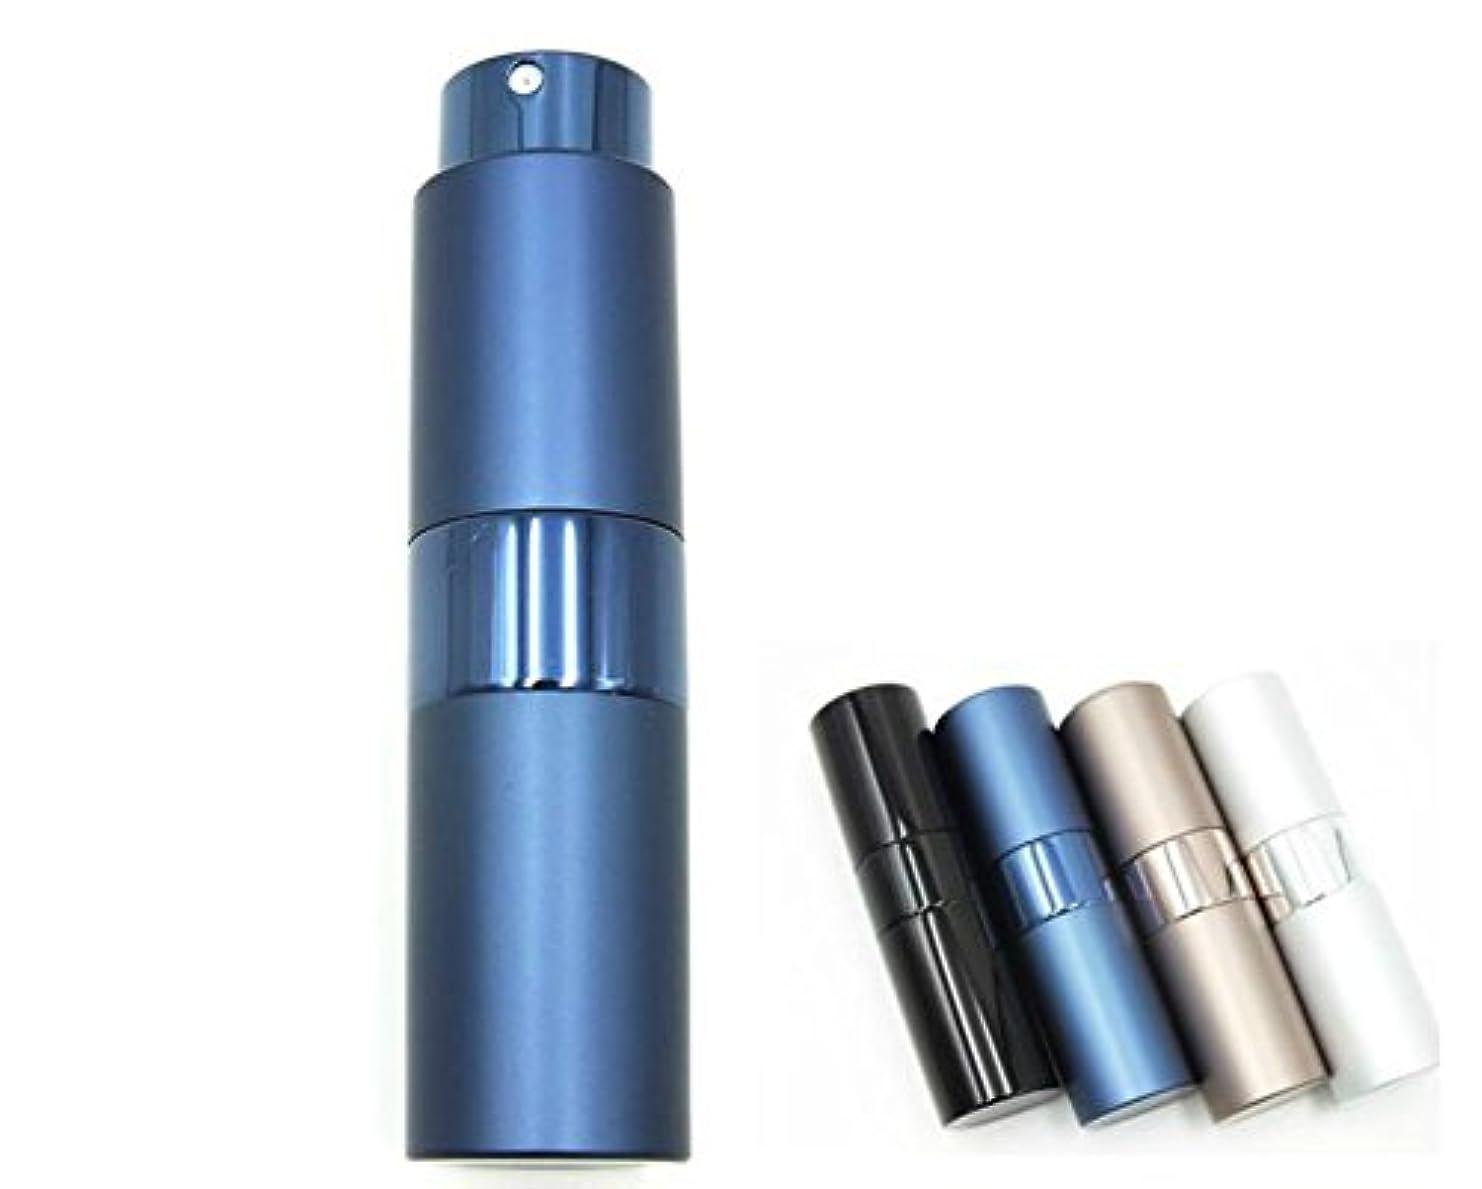 艶市の中心部ミサイルShopXJ 香水 メンズ アトマイザー 大人 男性 プッシュ式 詰め替え 持ち運び 身だしなみ 携帯用 15ml (ネイビー)